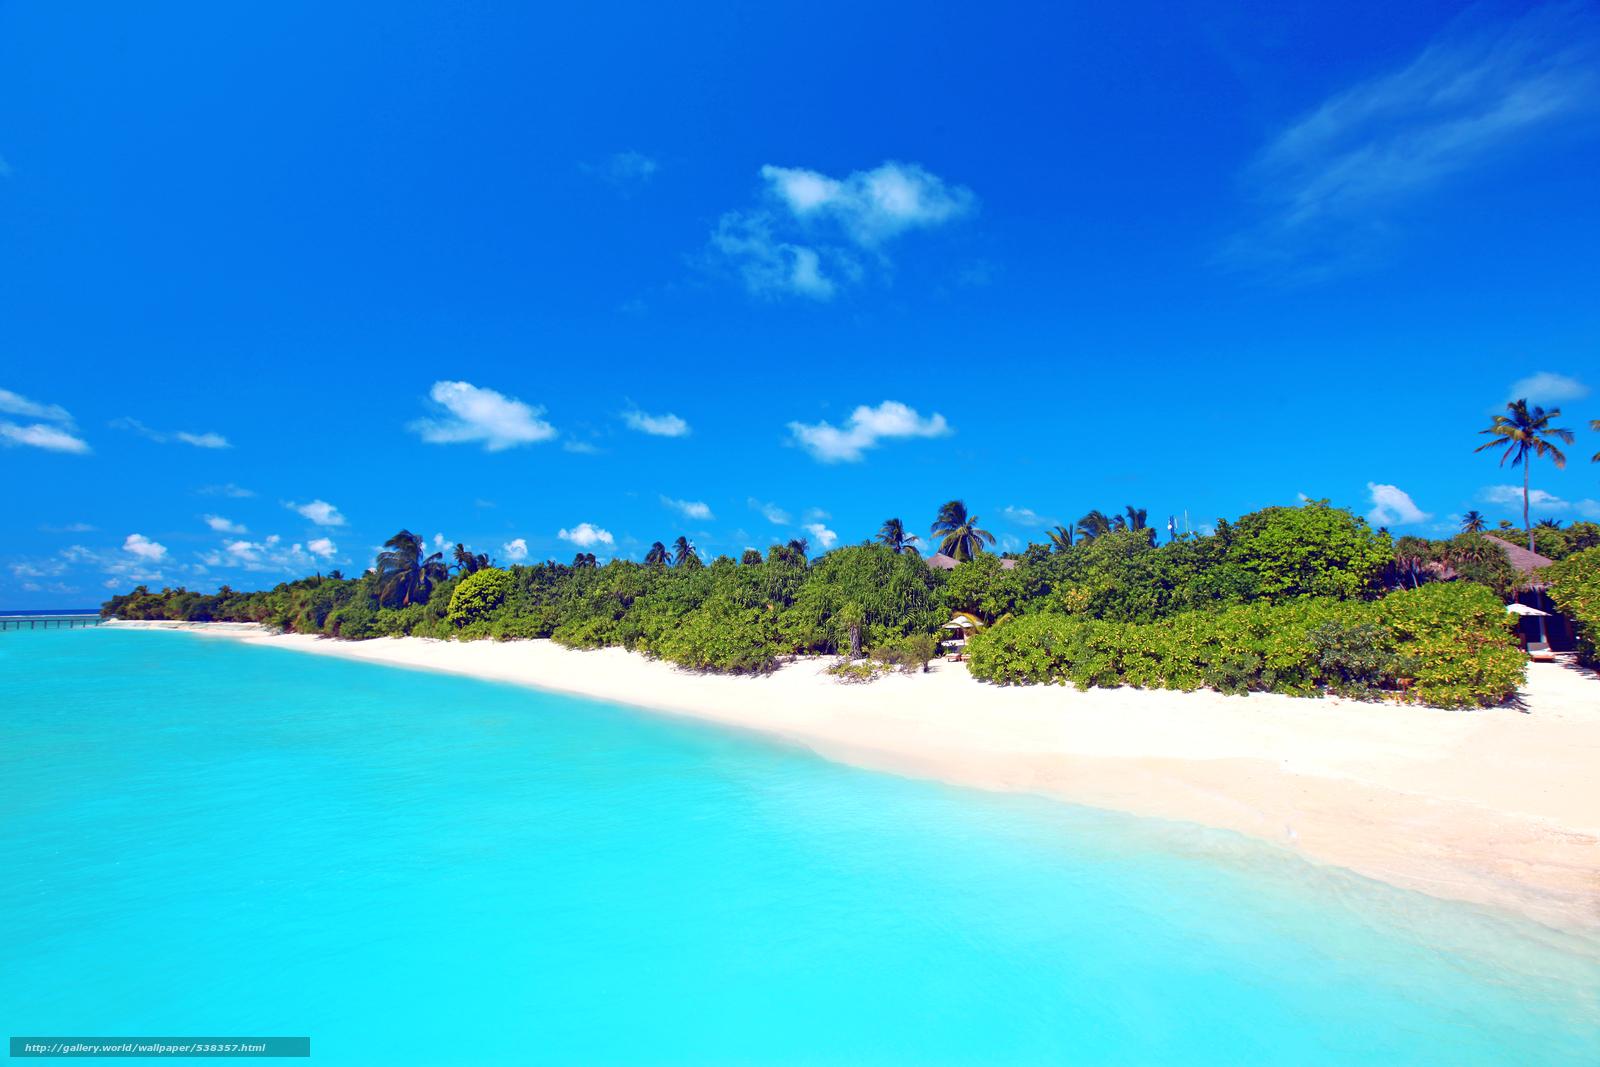 Scaricare gli sfondi tropici mare spiaggia sfondi gratis for Desktop gratis mare